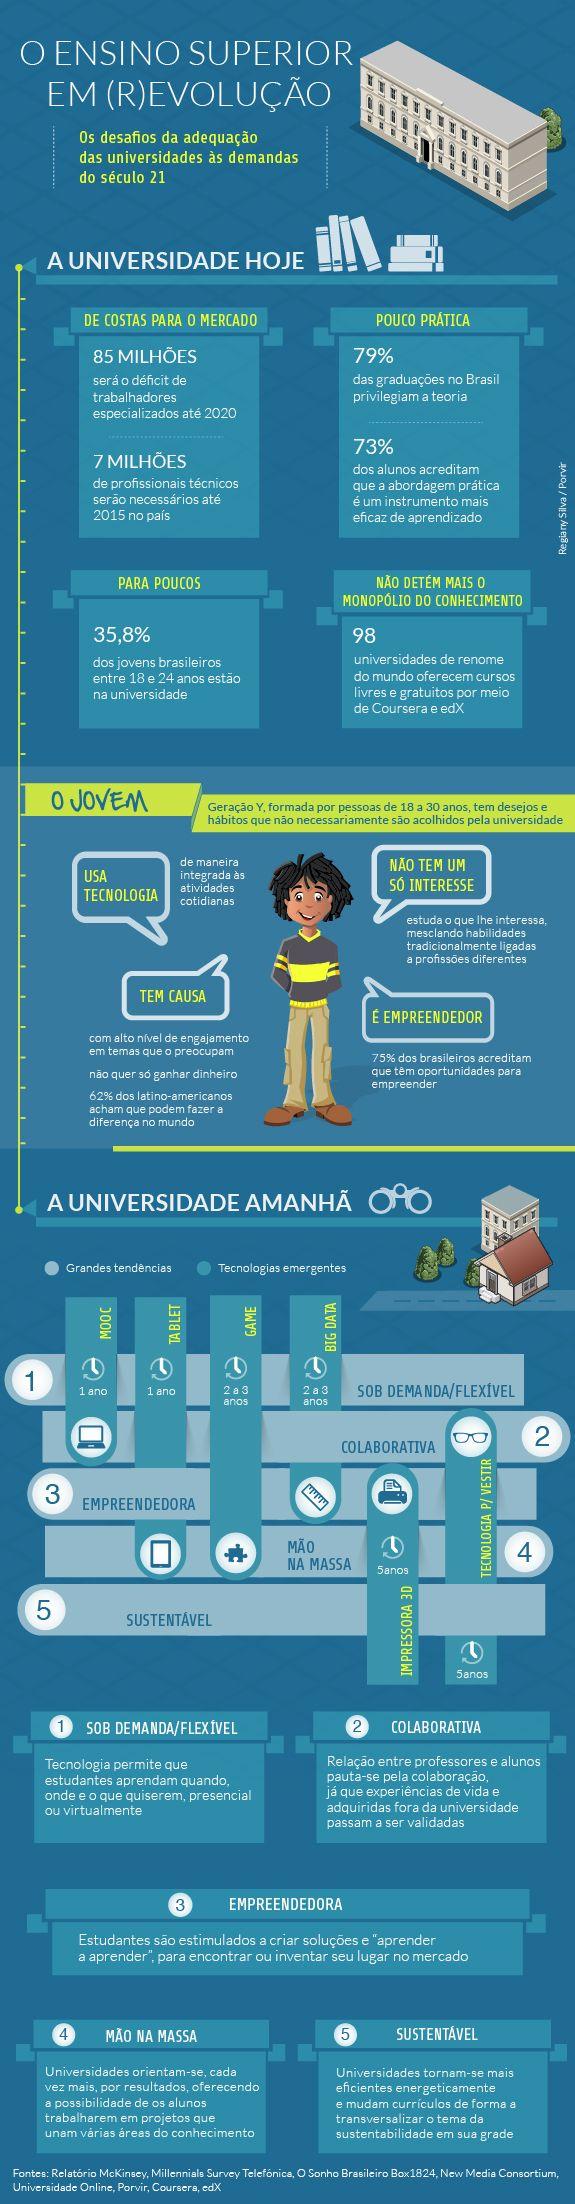 A (r)evolução da educação digital [com infográfico] #educação #EaD #universidades